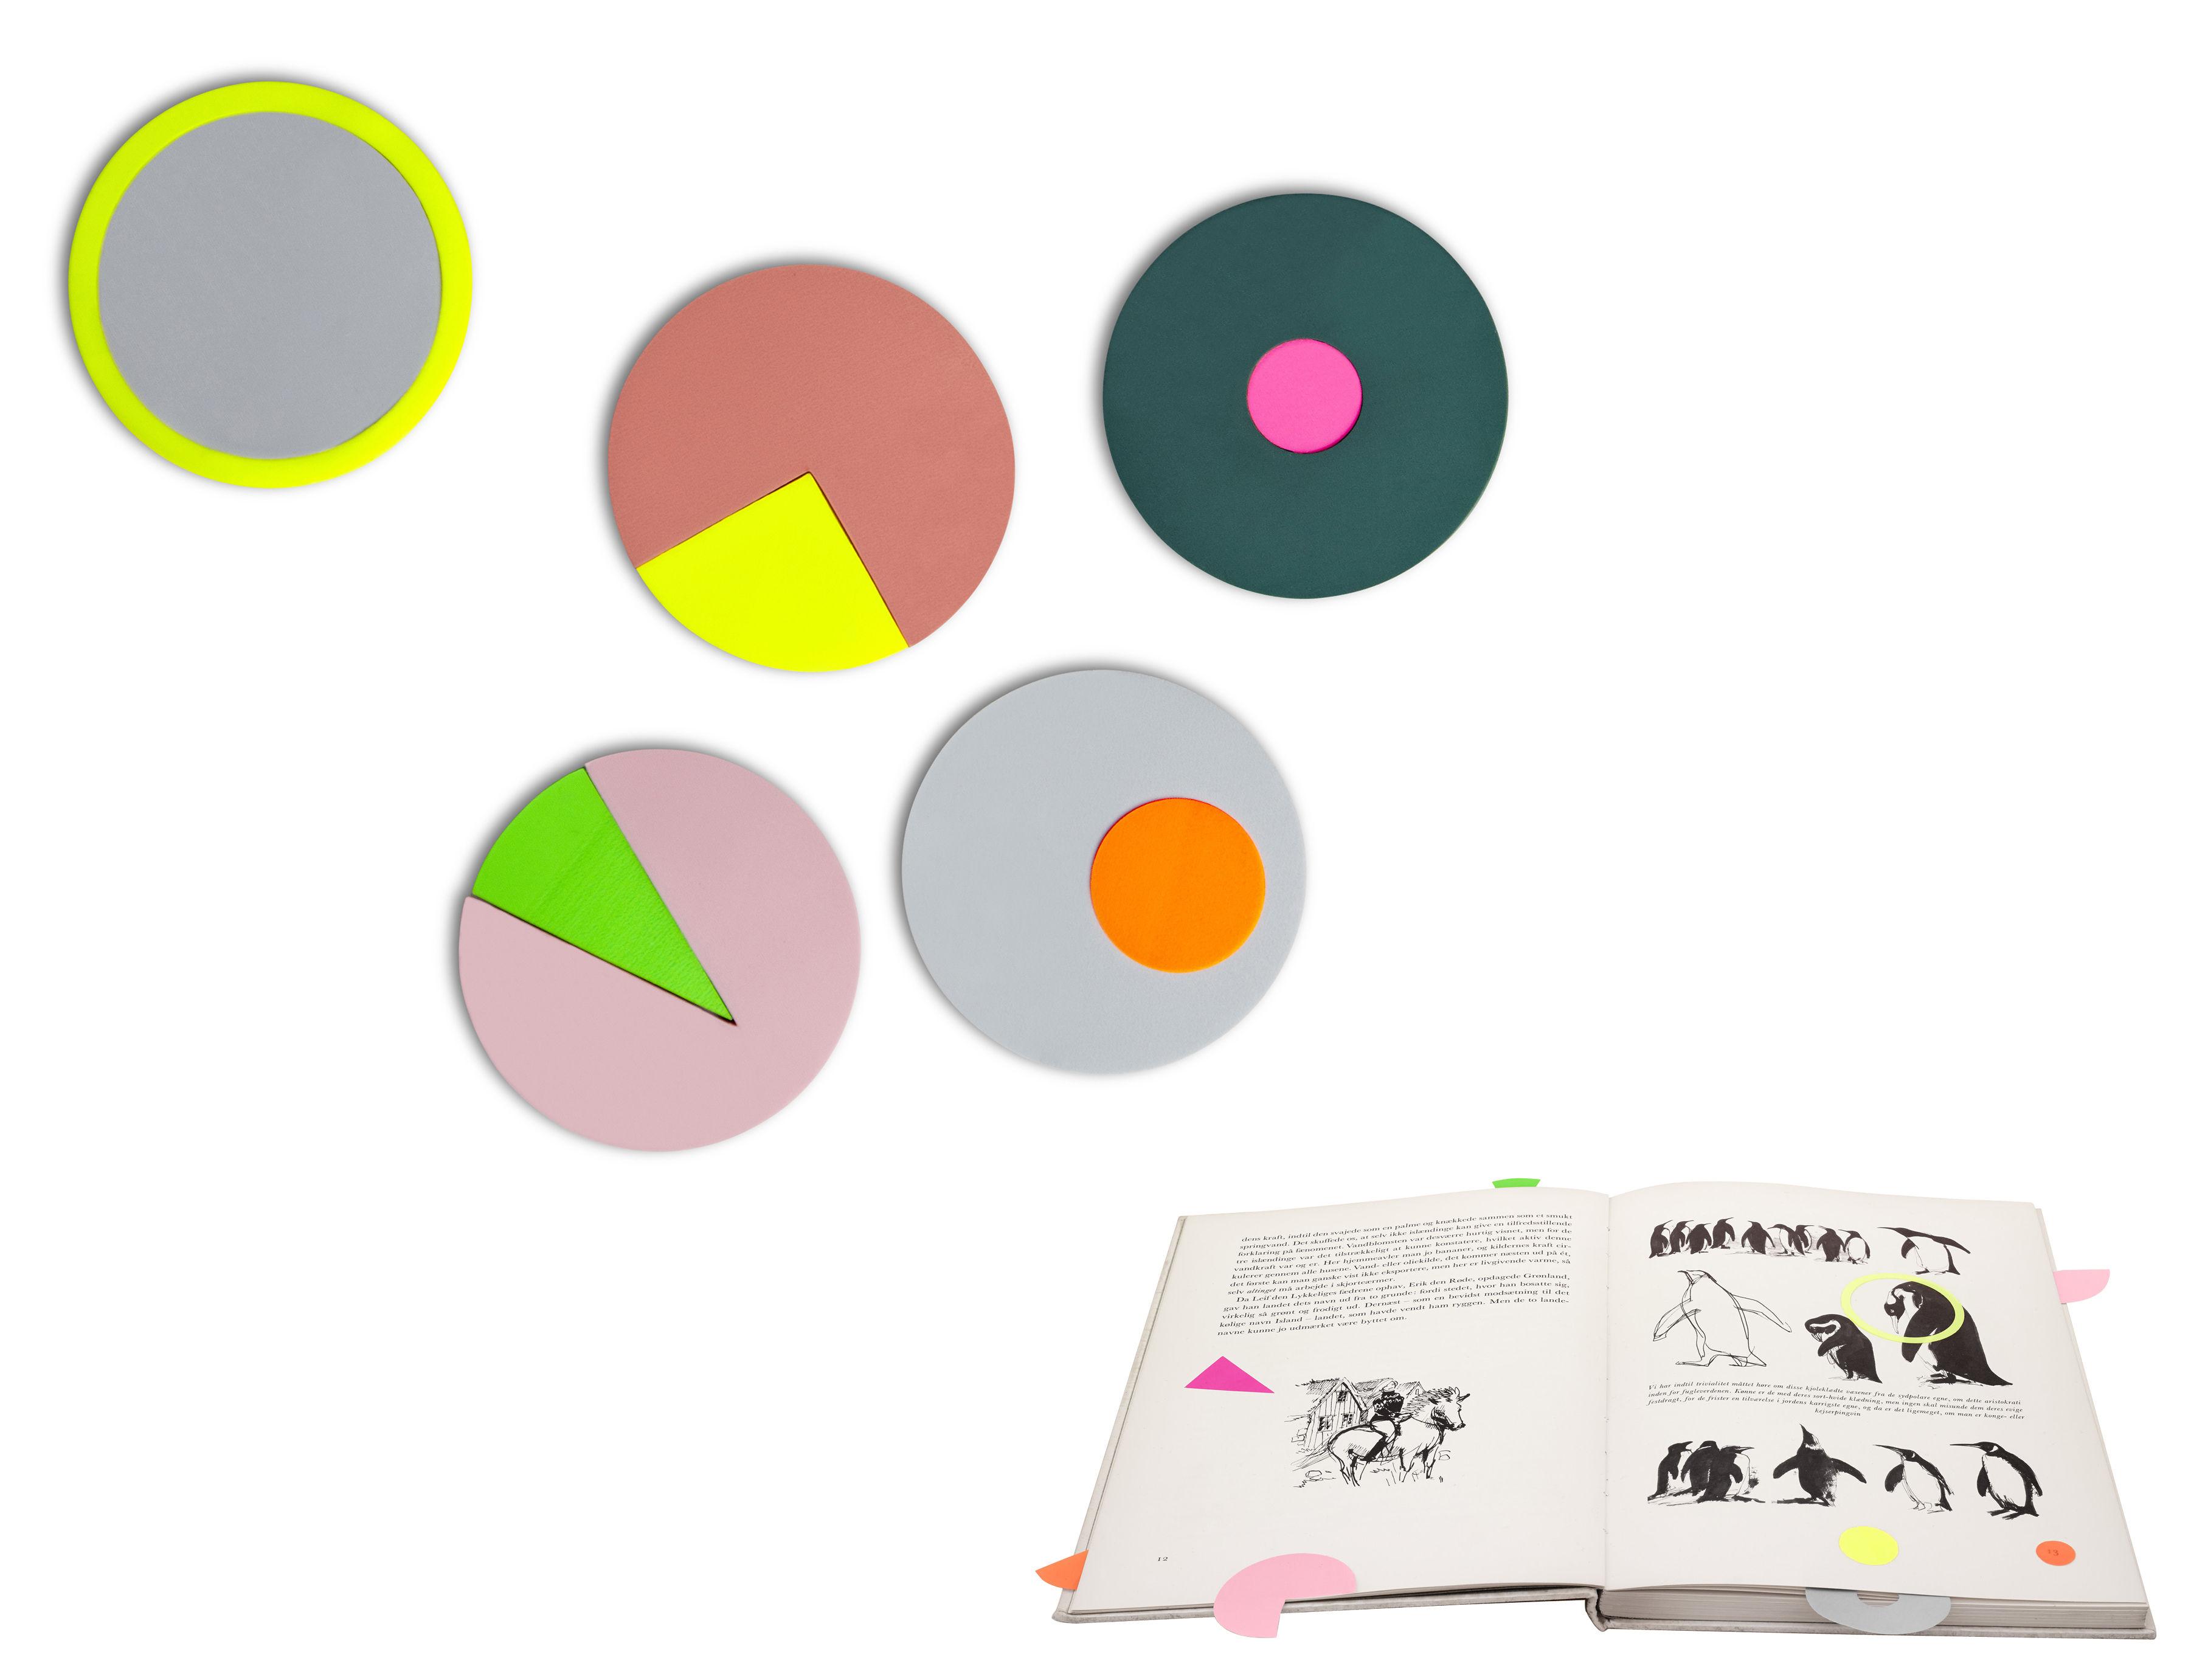 Accessori moda - Accessori ufficio - Note adesive - / Assortimento di etichette riposizionabili di Hay - Multicolore - Carta